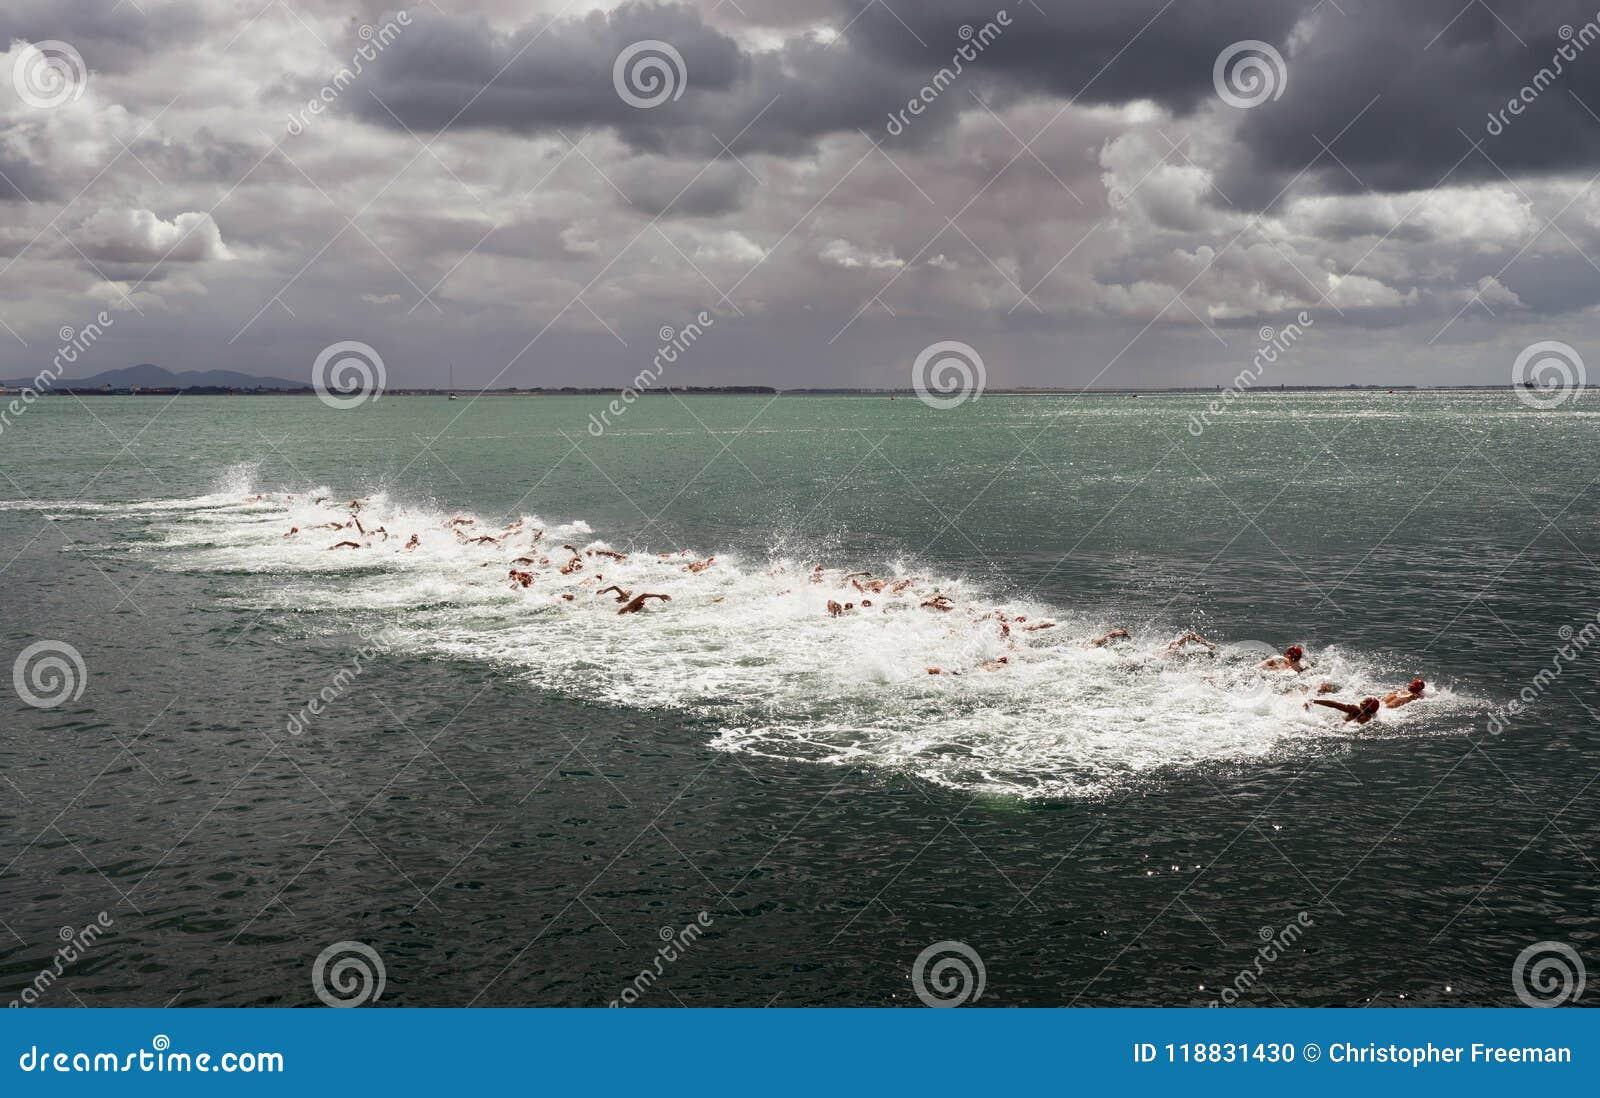 Otwartej wody pływaccy konkurenci zaczynają długodystansowej rasy